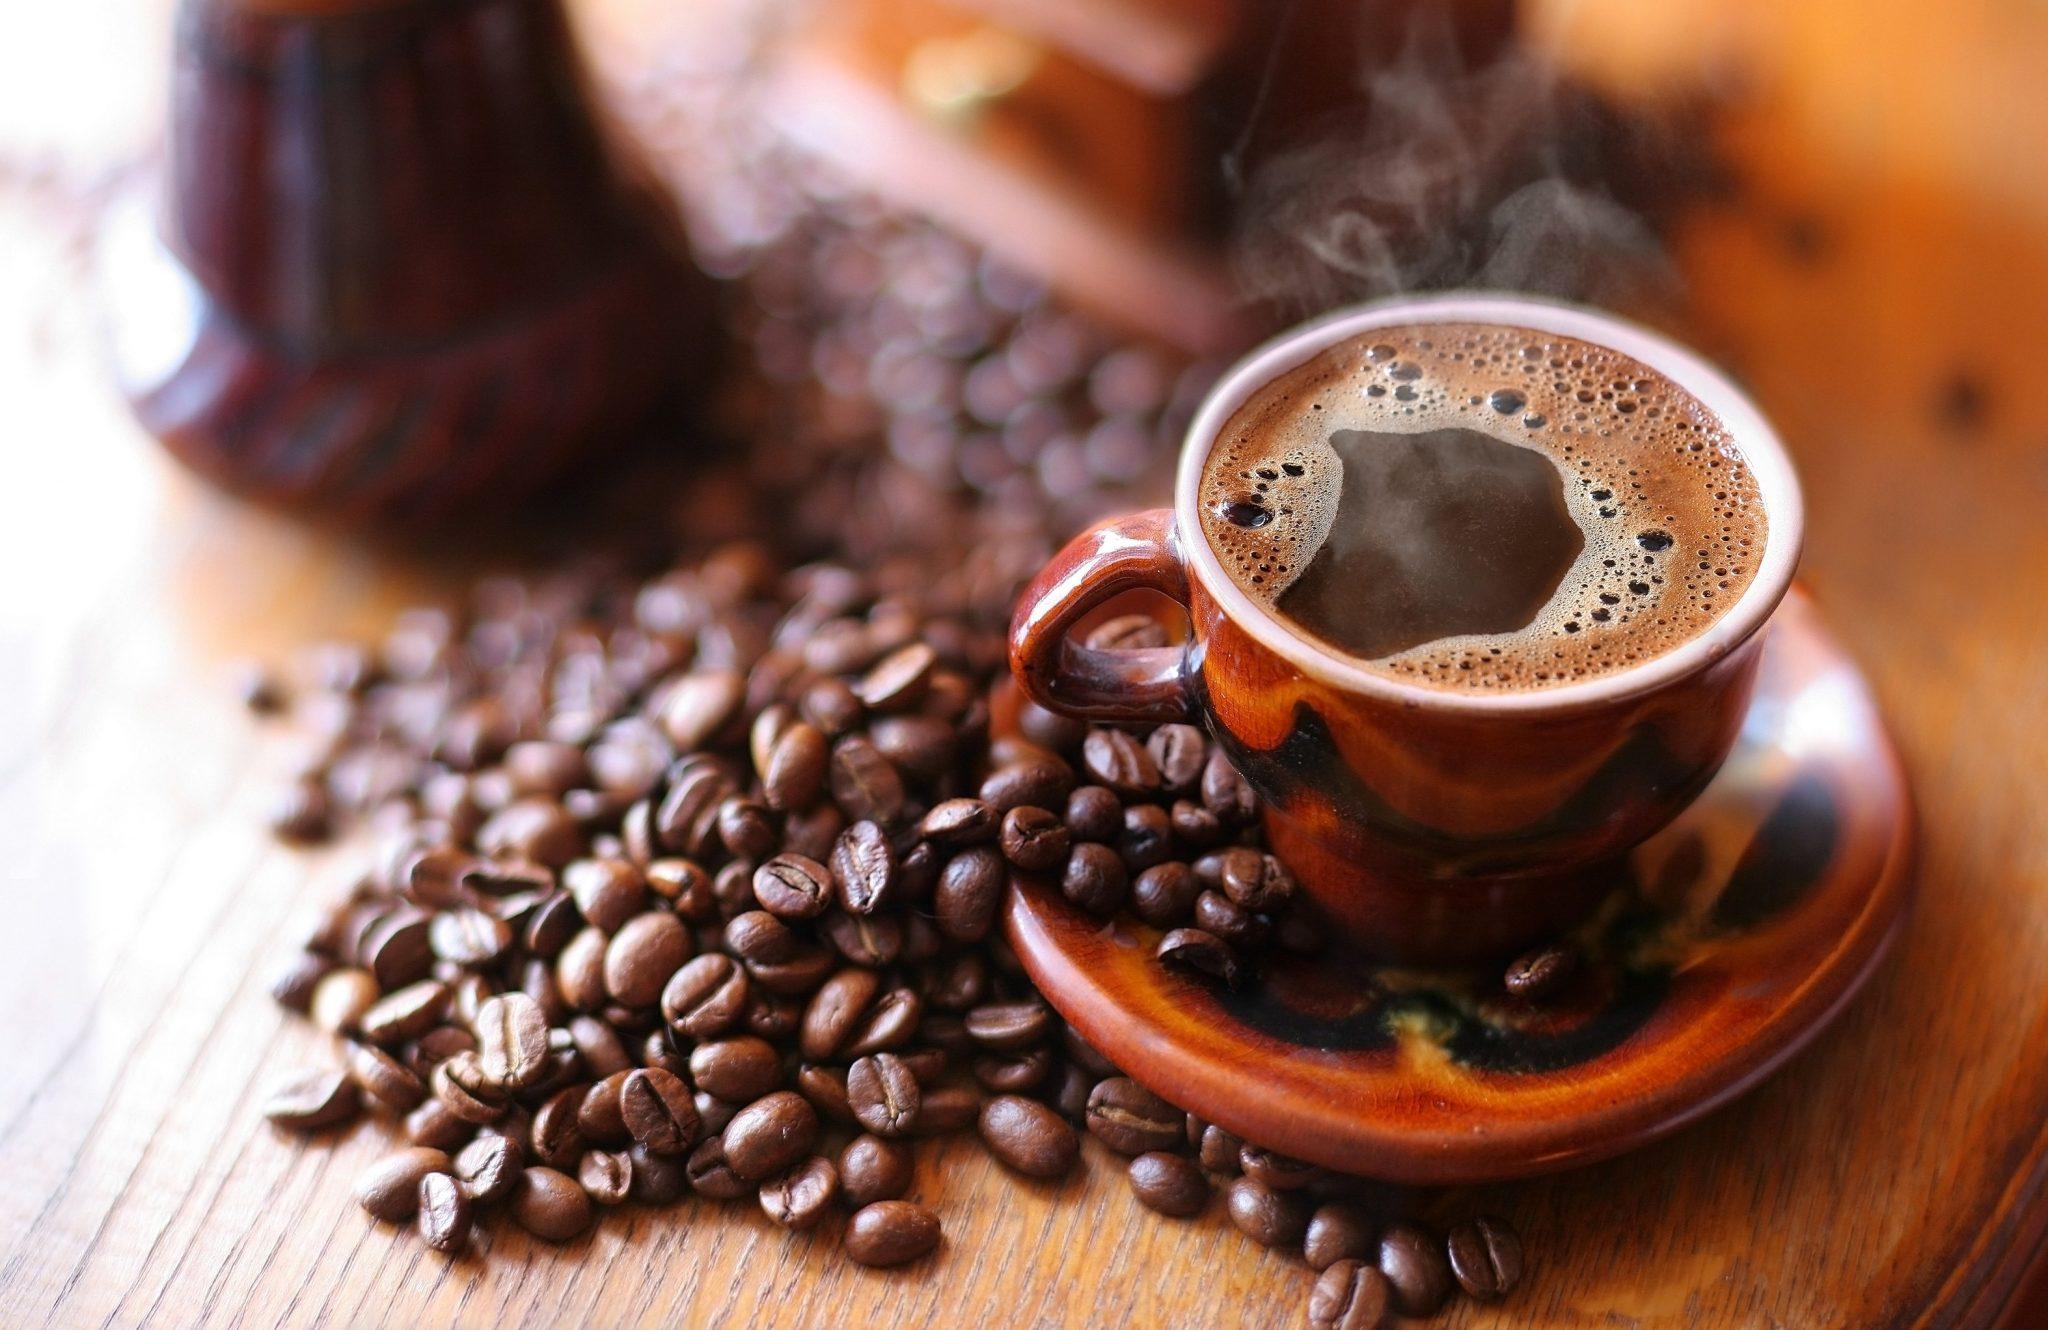 Еще хорошие новости для любителей кофе: это приносит пользу вашей печени